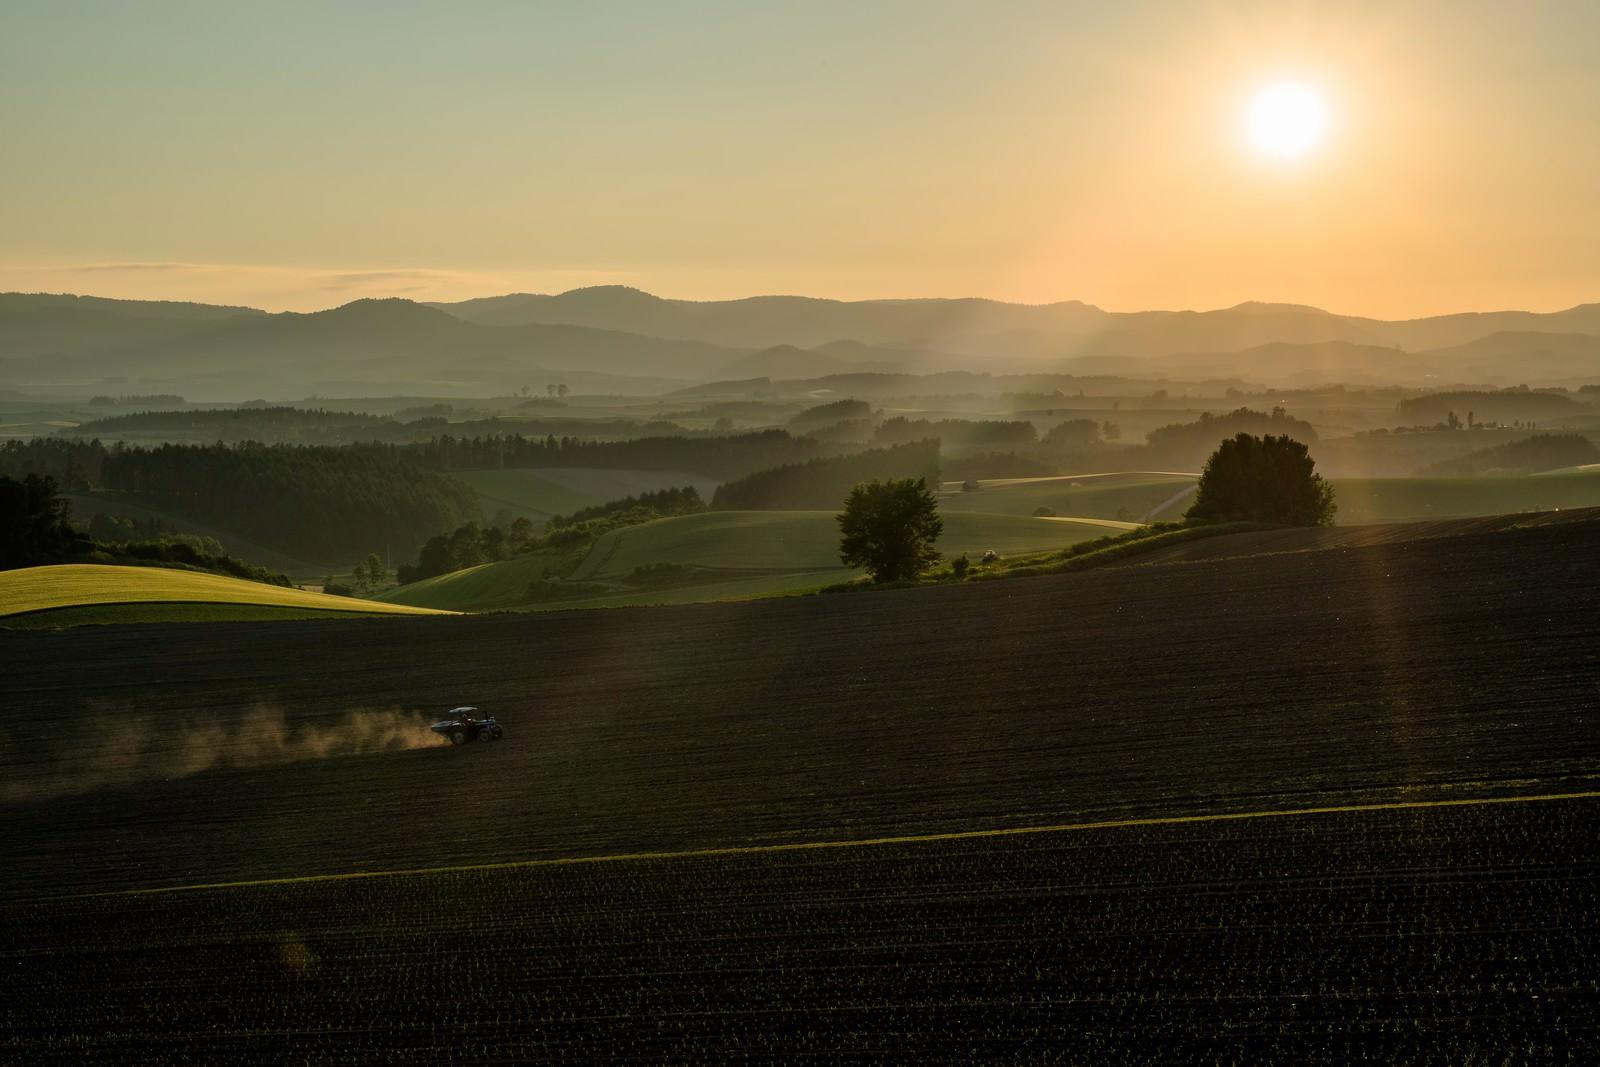 「朝の靄がかかる美瑛の農場とトラクター朝の靄がかかる美瑛の農場とトラクター」のフリー写真素材を拡大